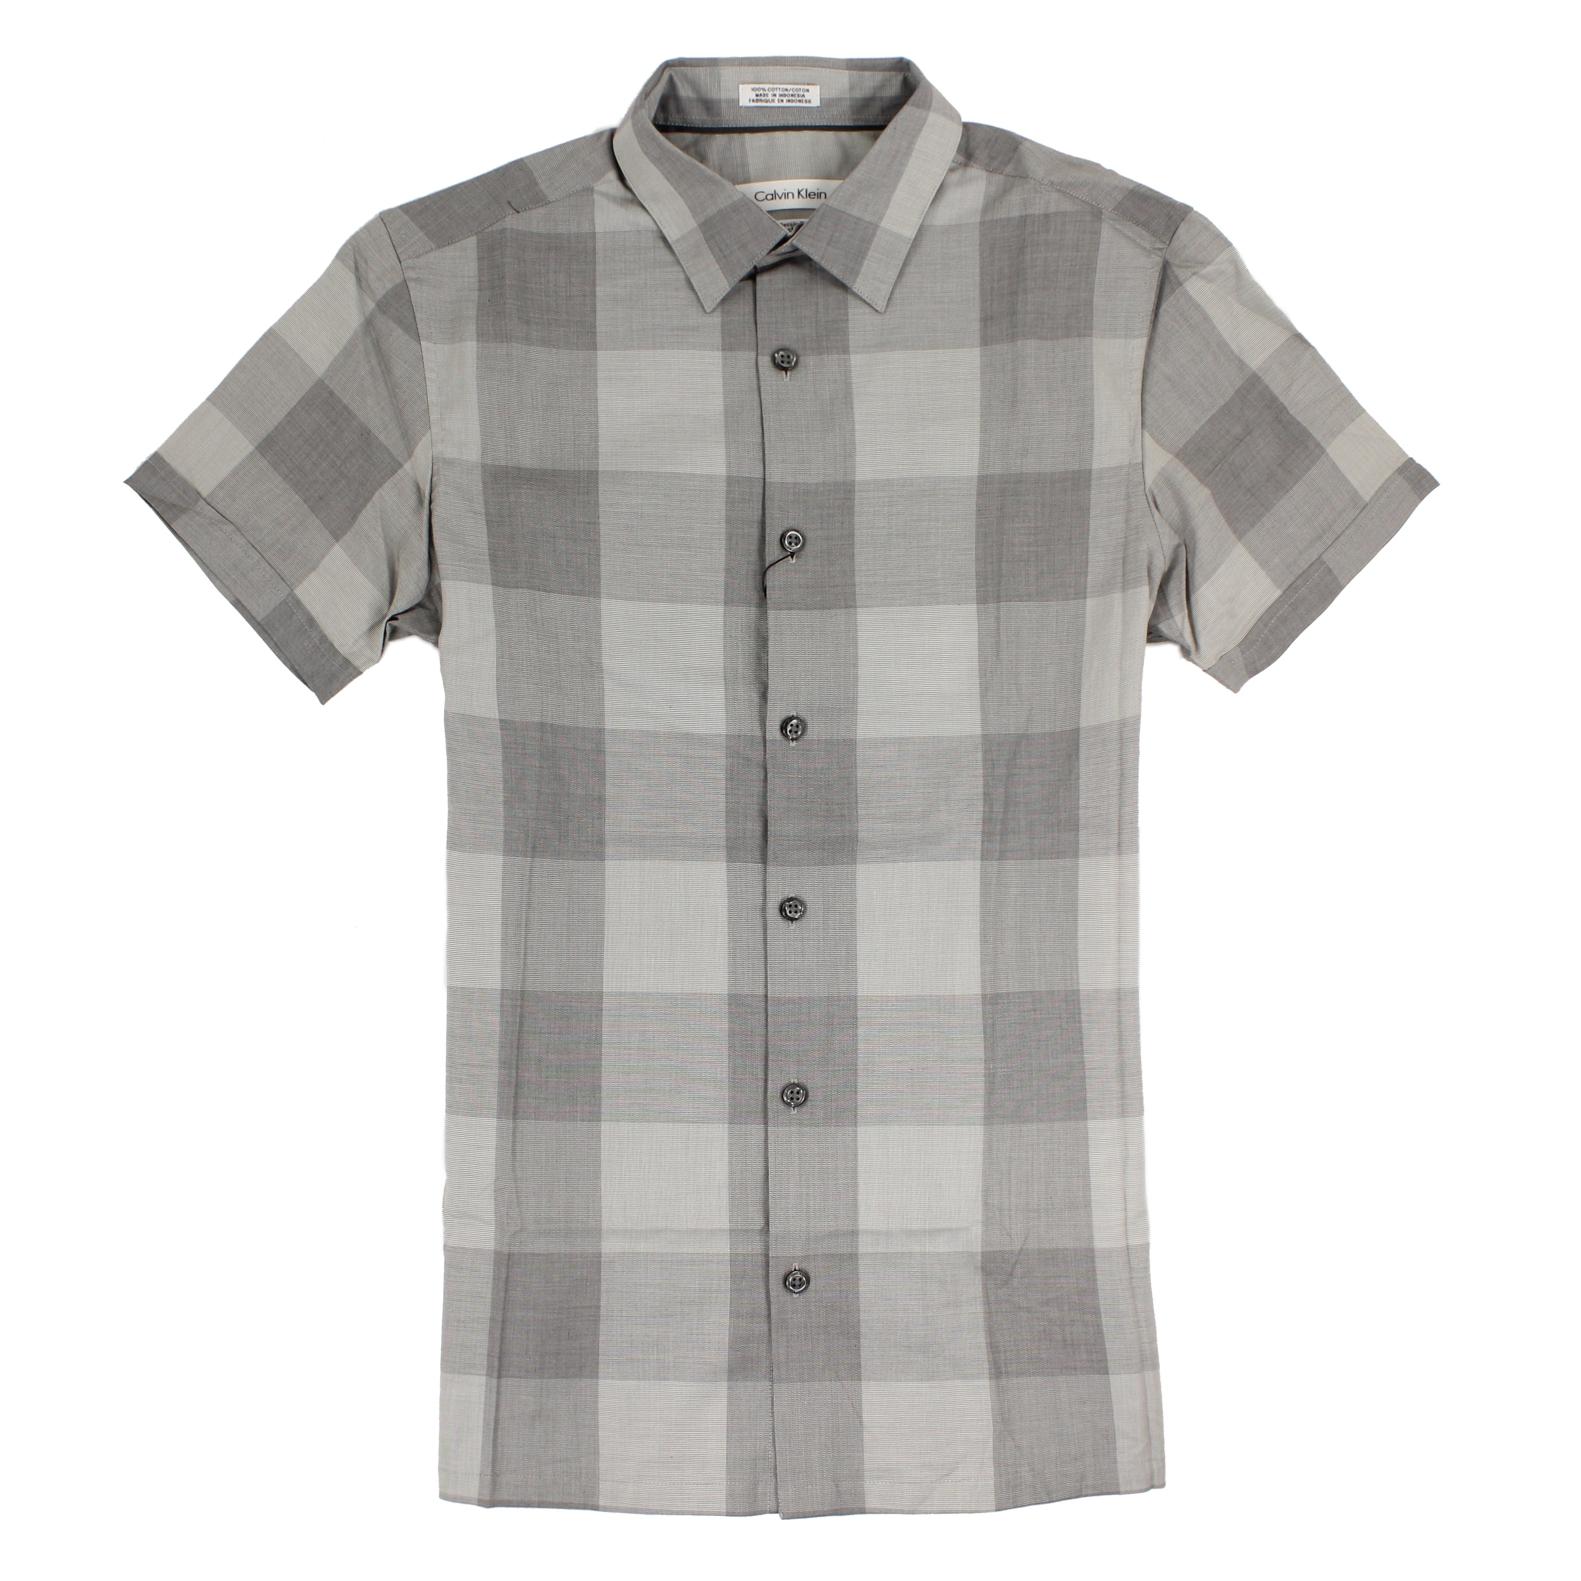 美國百分百【全新真品】Calvin Klein 襯衫 CK 男衣 短袖 格紋 休閒 上衣 XS號 灰色 E210